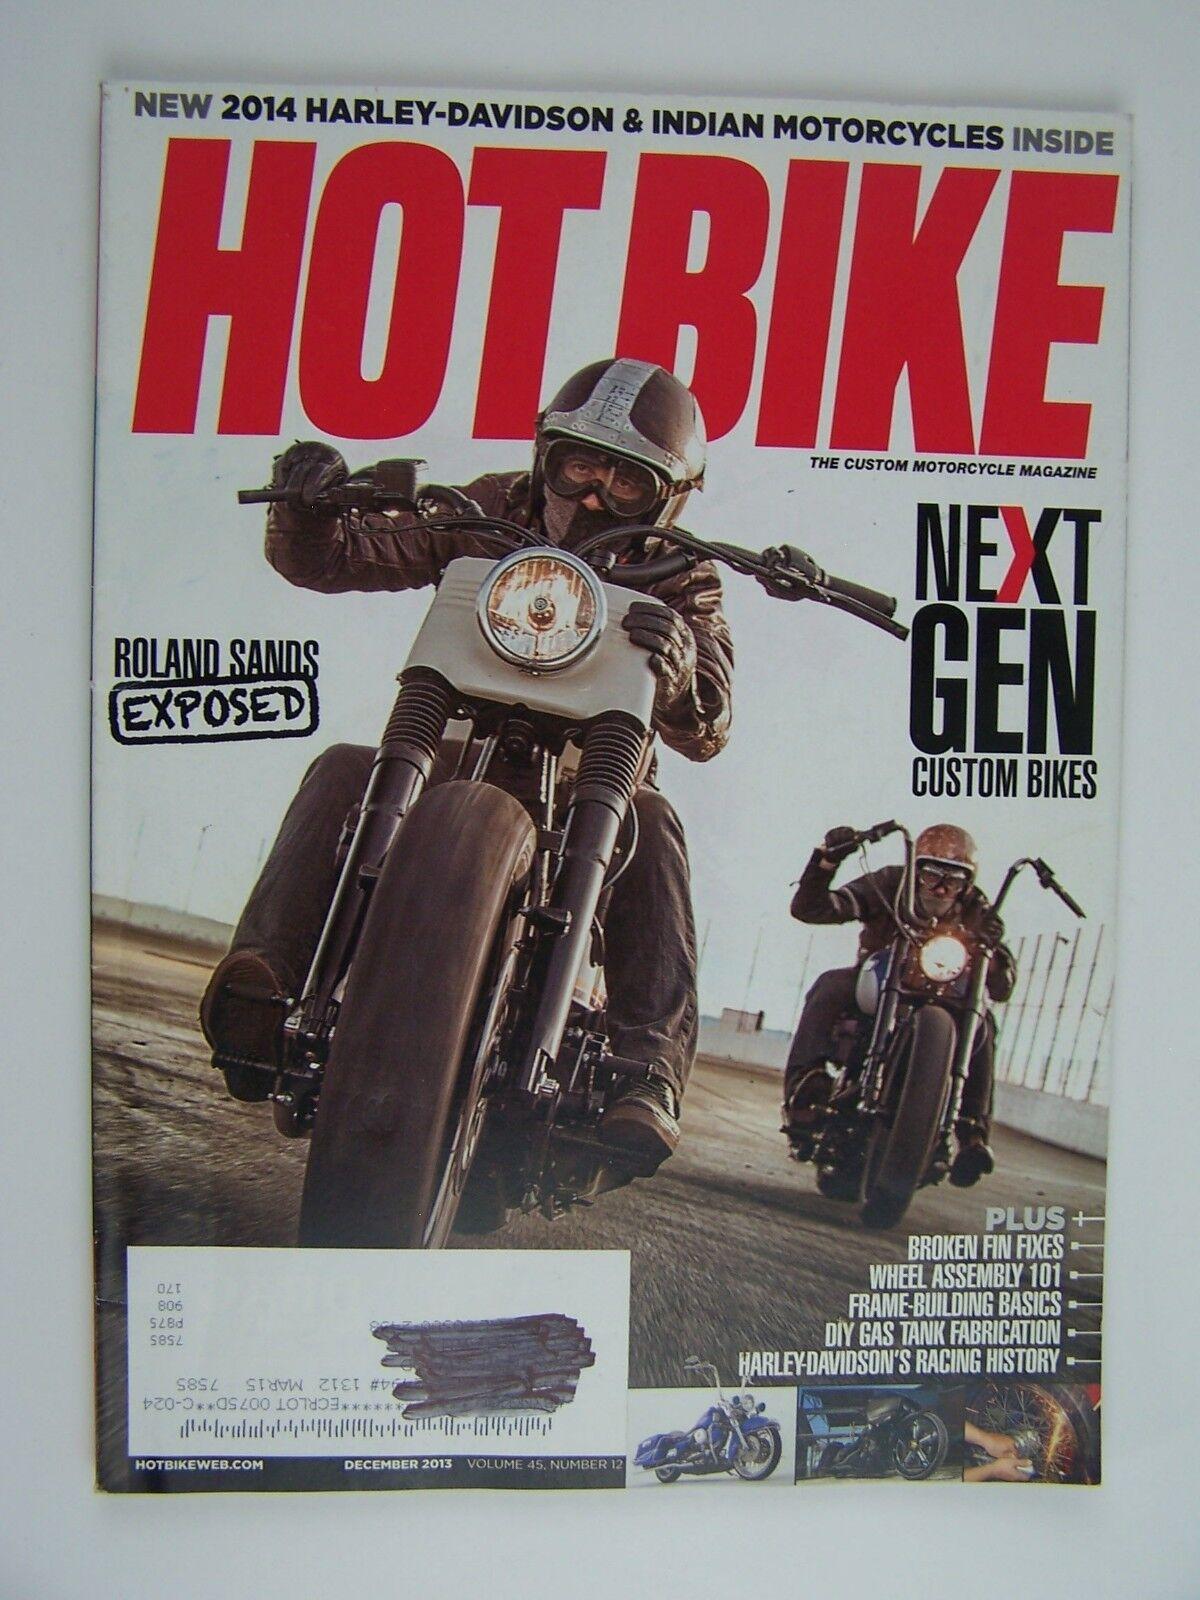 Hot Bike Magazine December 2013 Vol 45 No 12 Issue